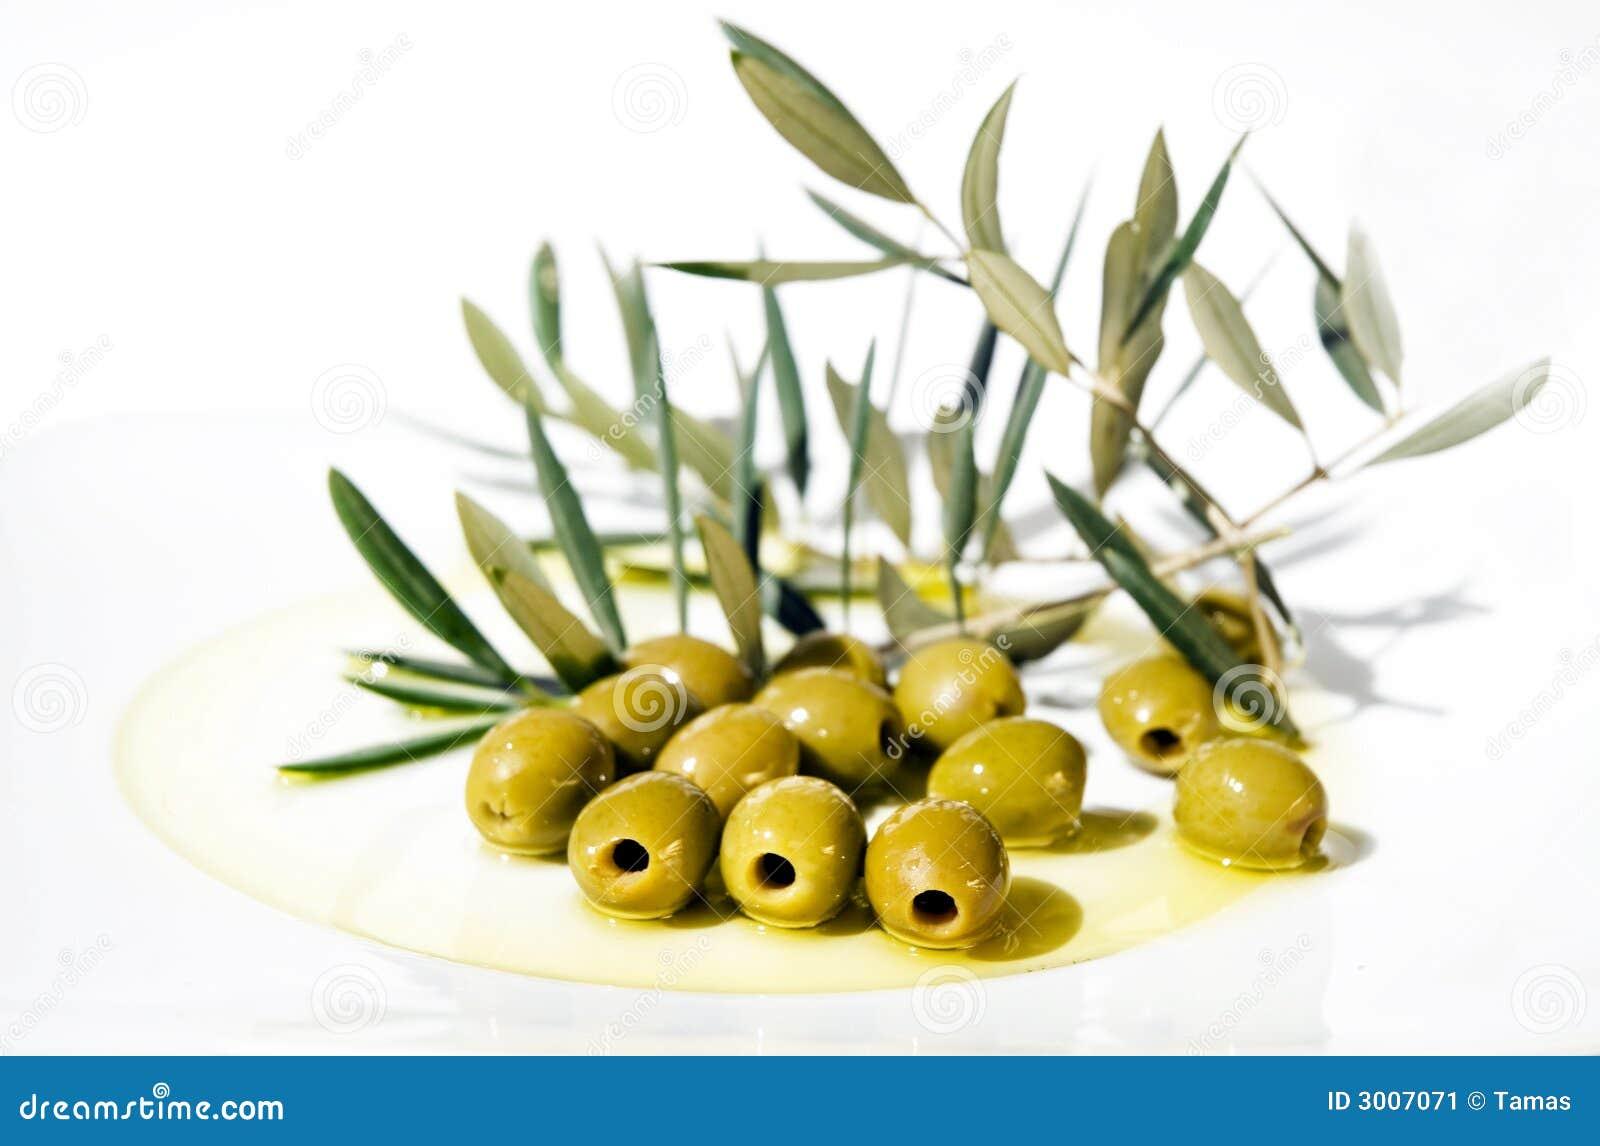 Oil olive olives plate